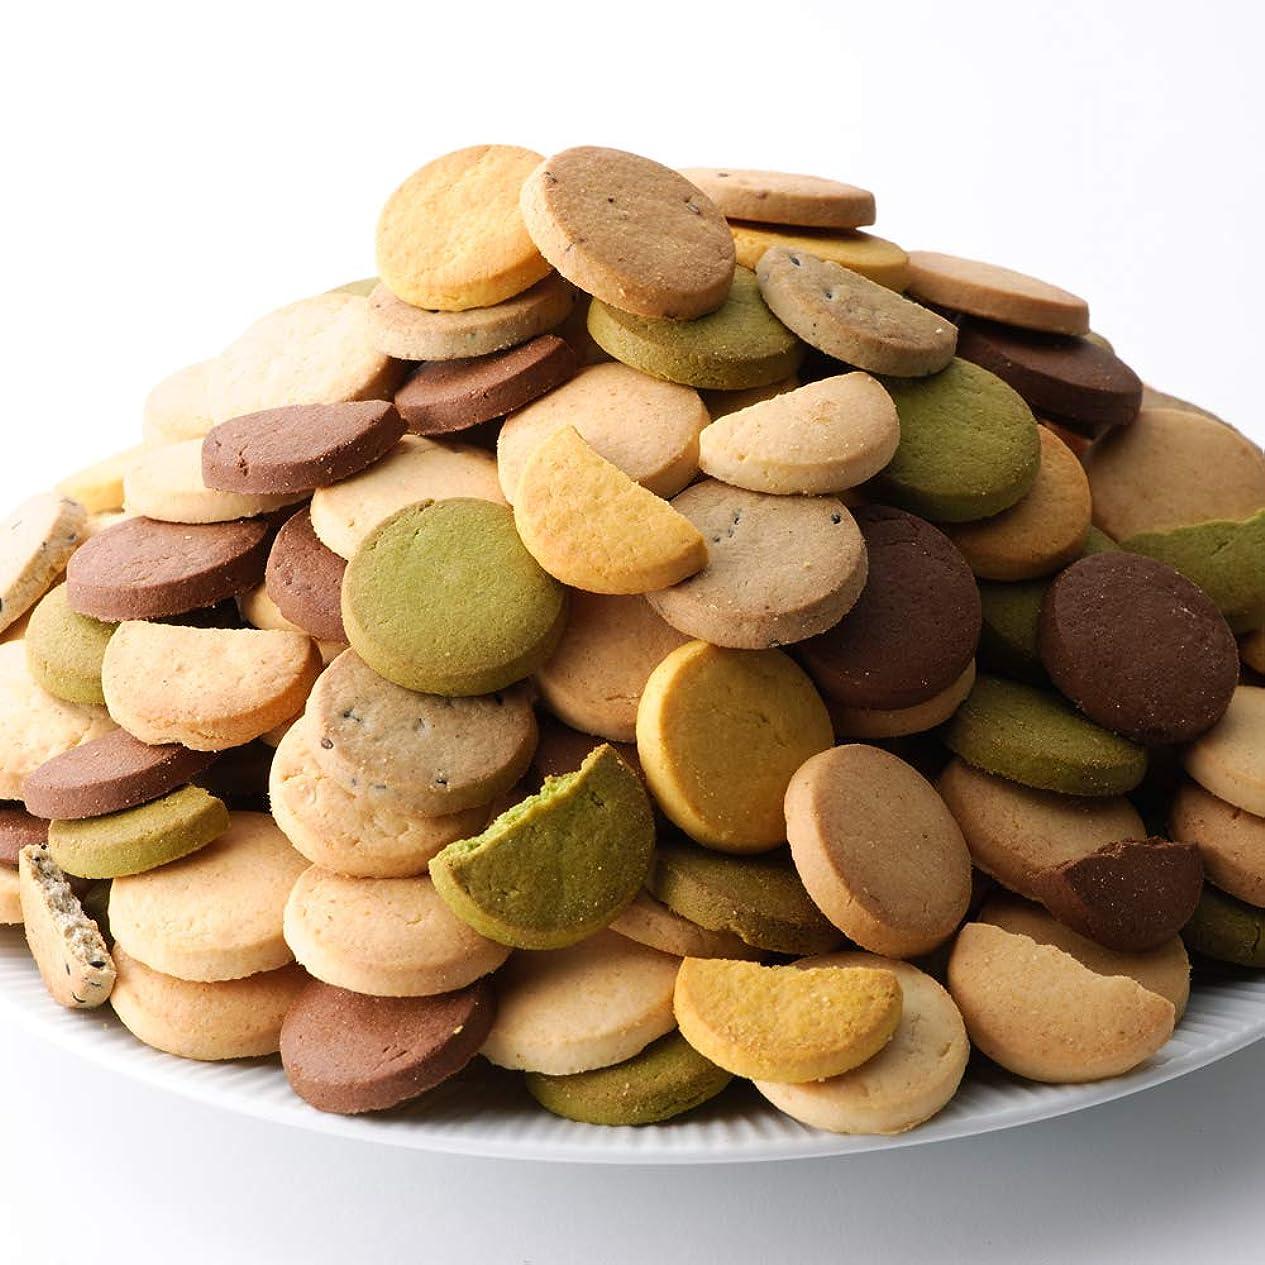 レンチ破壊想定豆乳おからクッキー 1kg(200g×5袋)1枚約16kcal